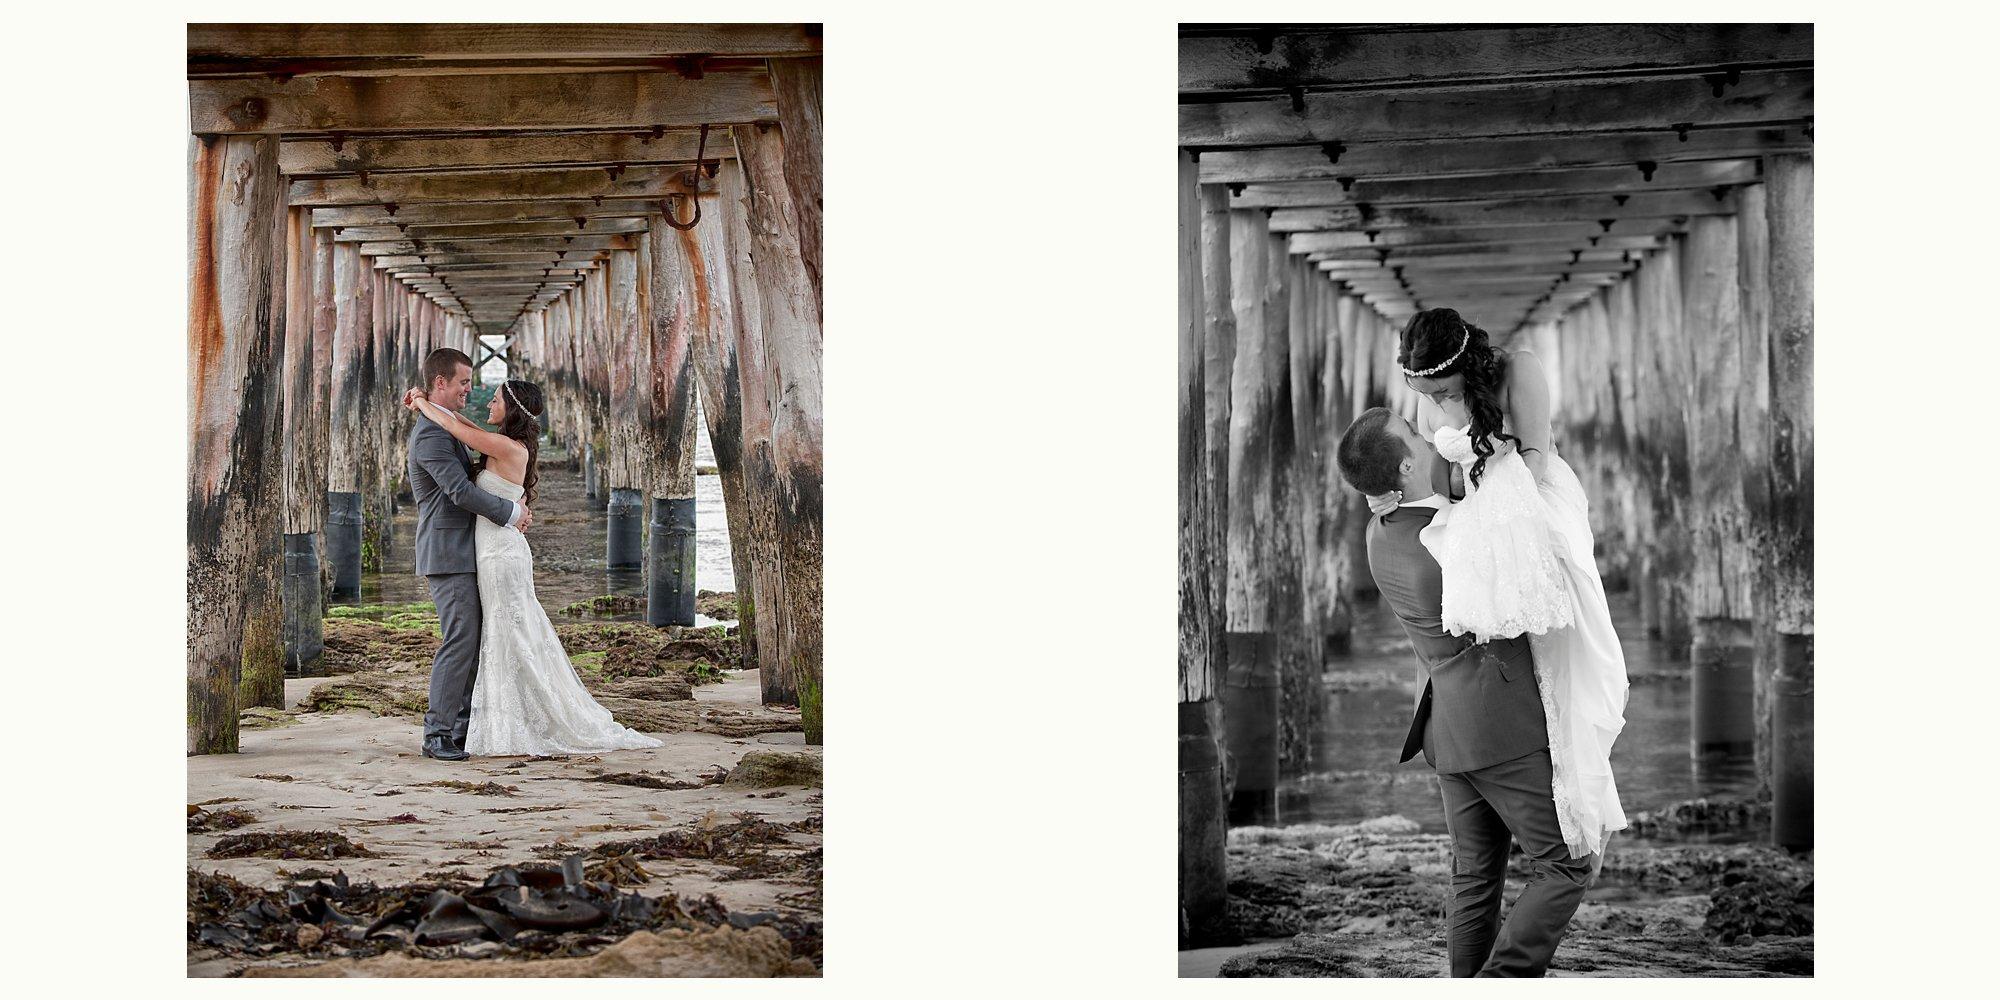 Sydney's online wedding album company